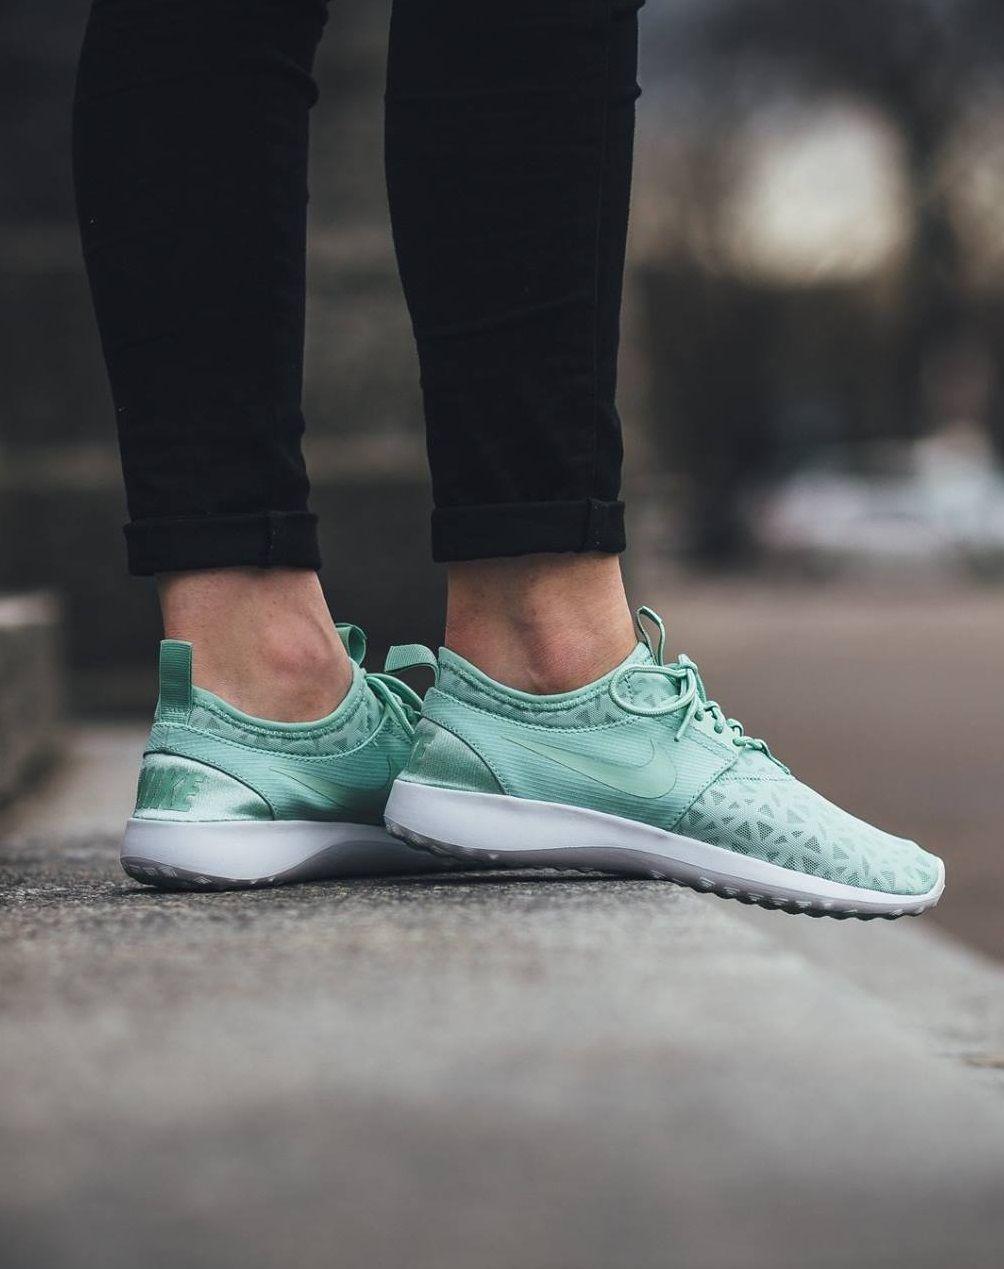 Nike Wmns Juvenate: Enamel Green